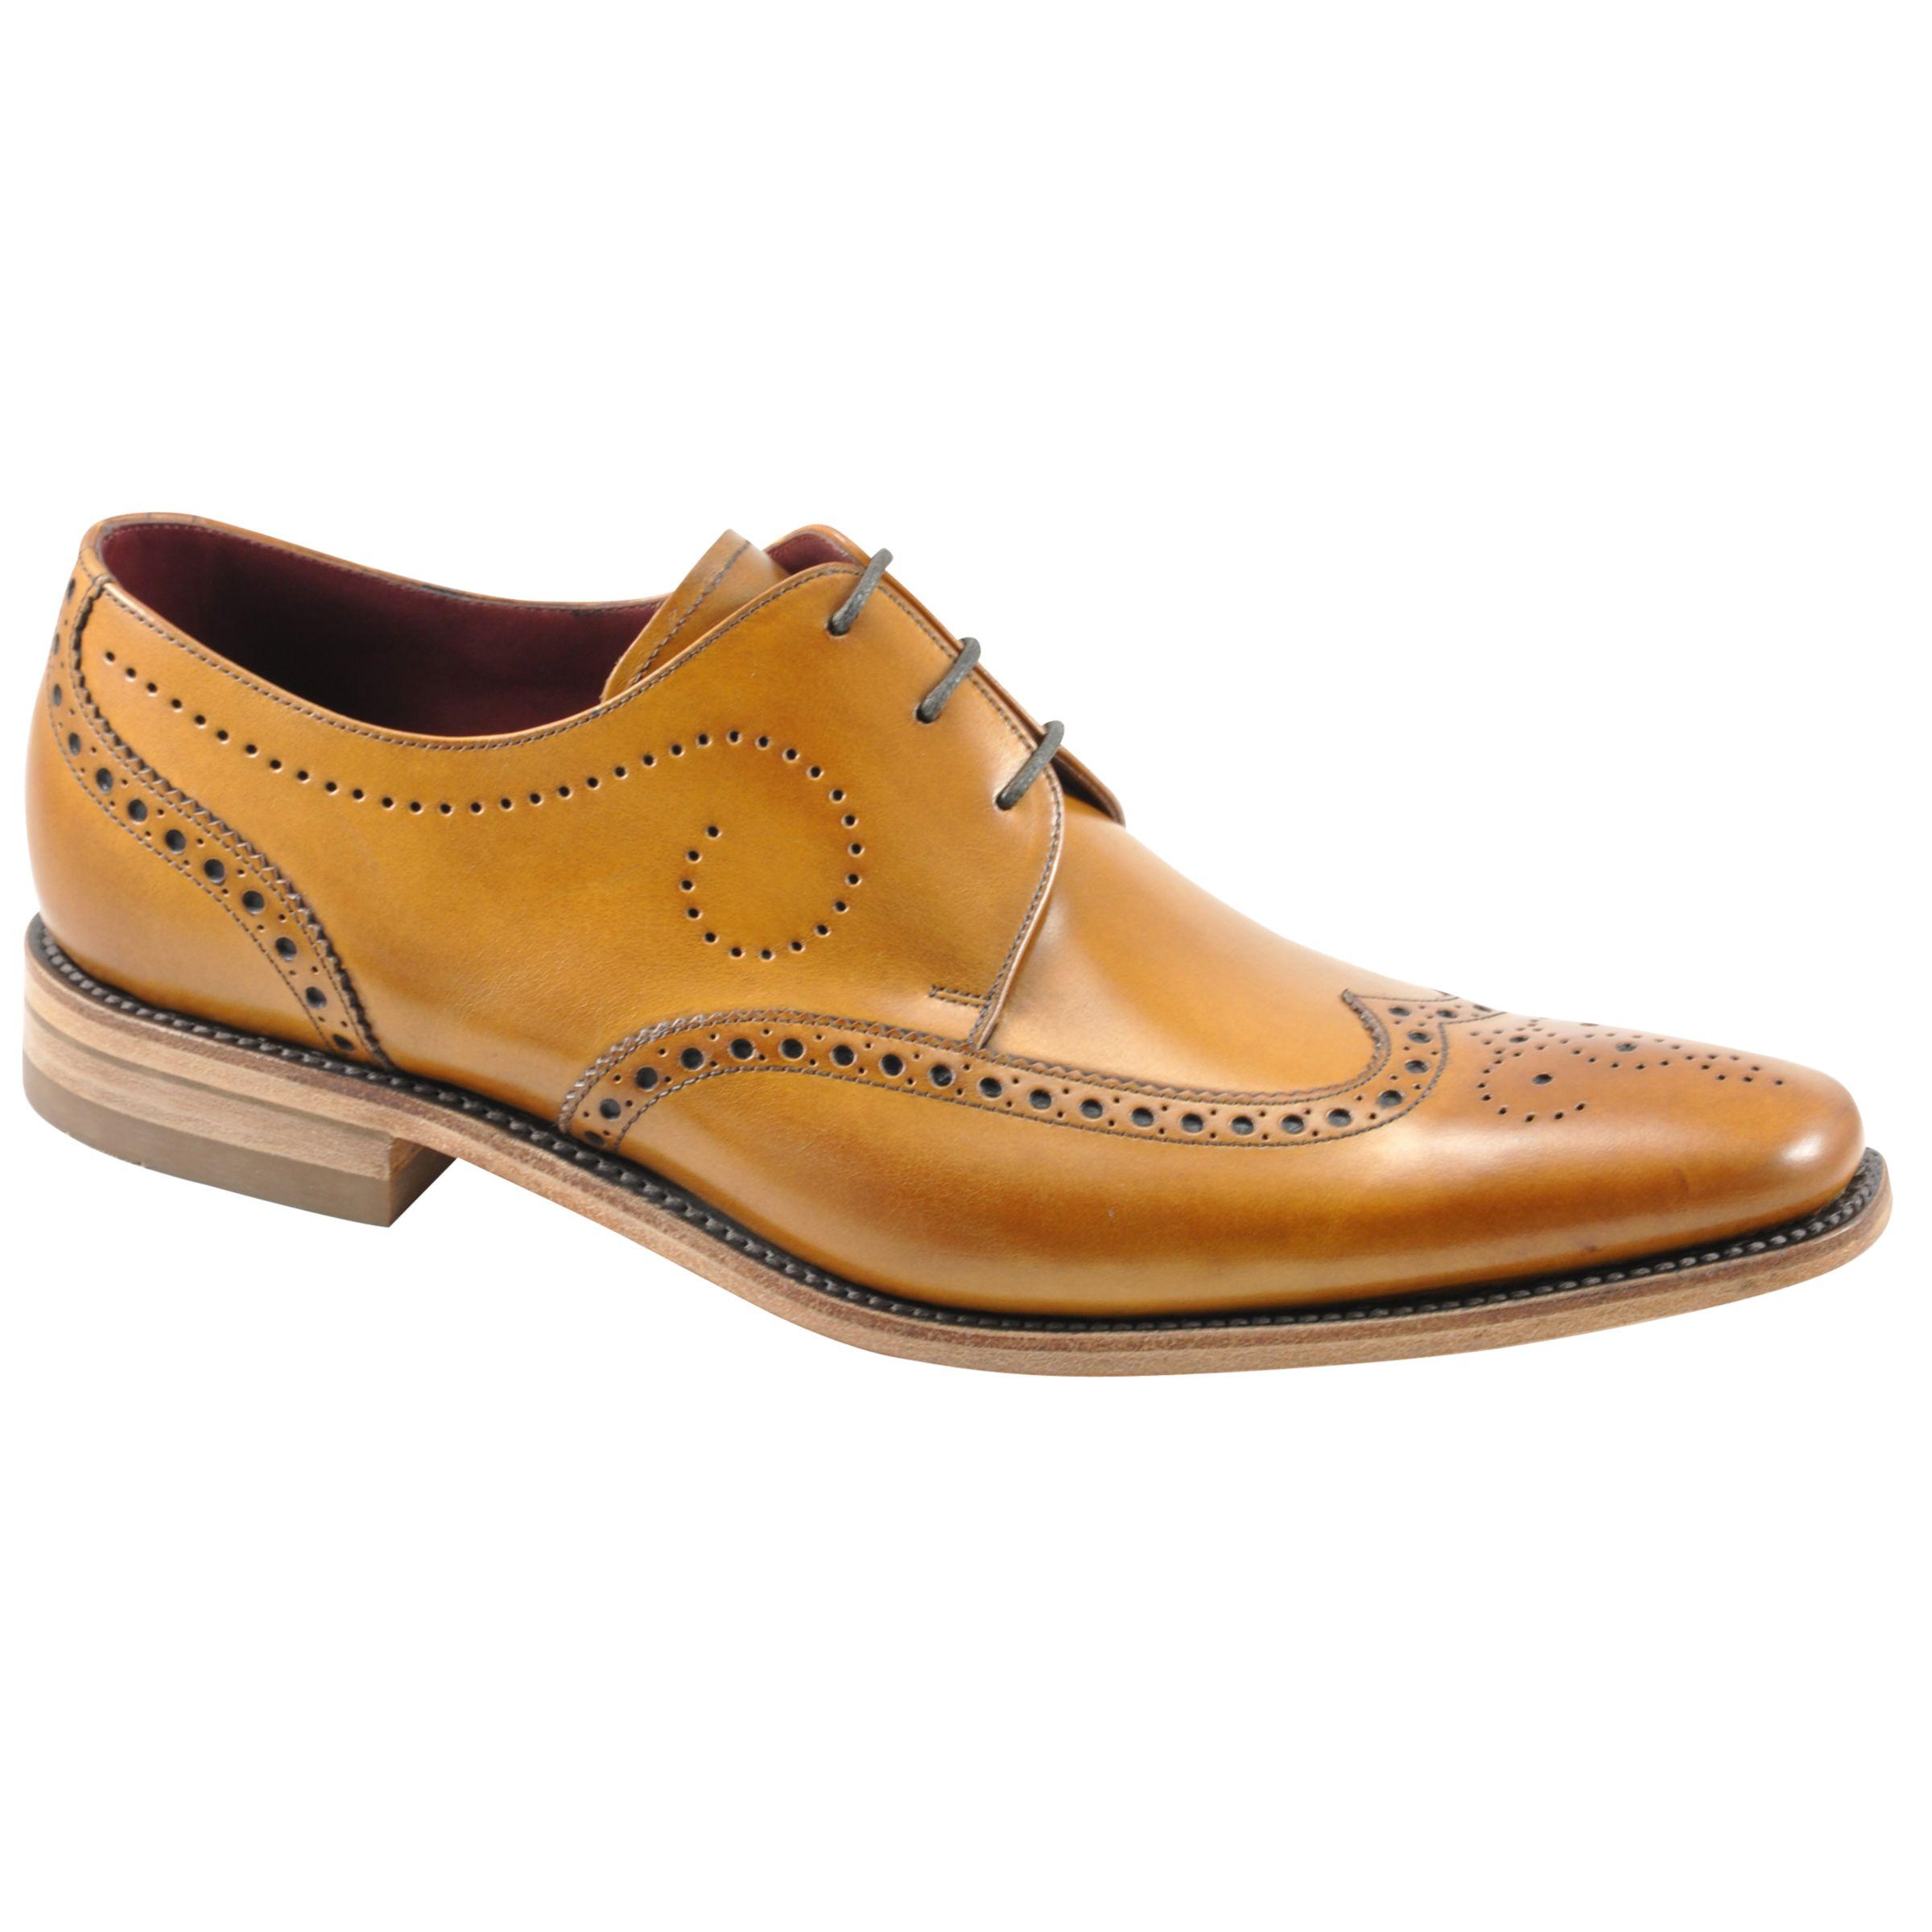 Loake Loake Kruger Derby Shoes, Tan